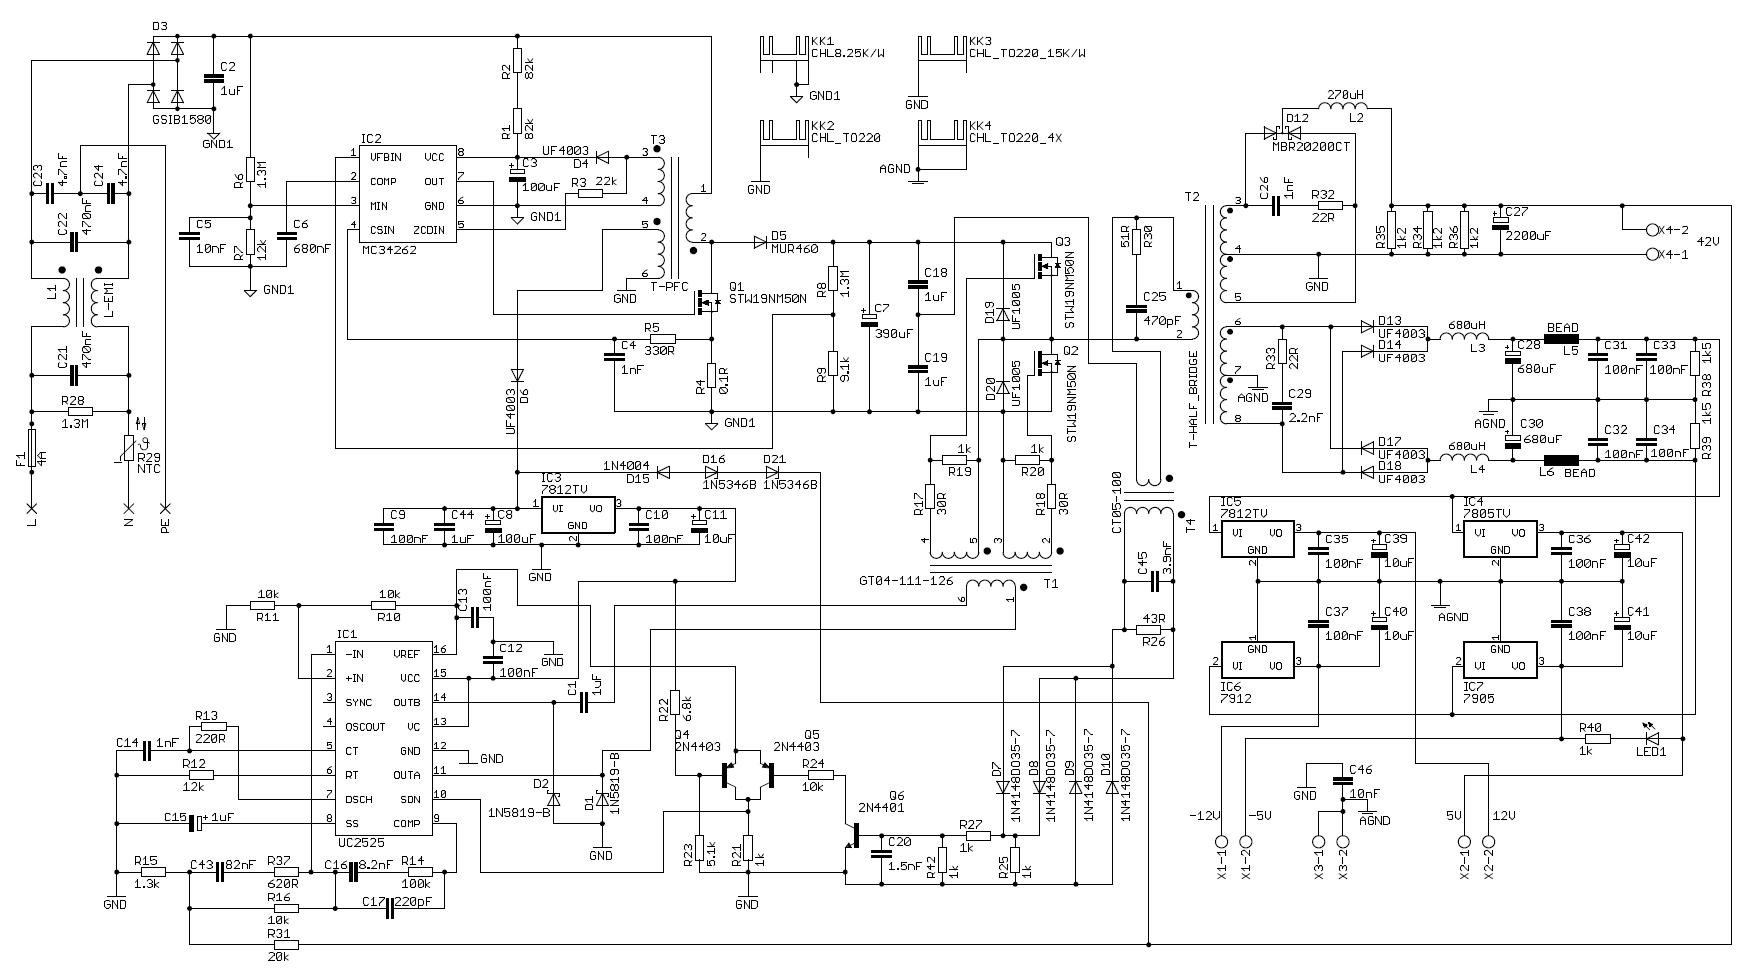 42v 300w Smps Uc2525 Mc34262 Pcf